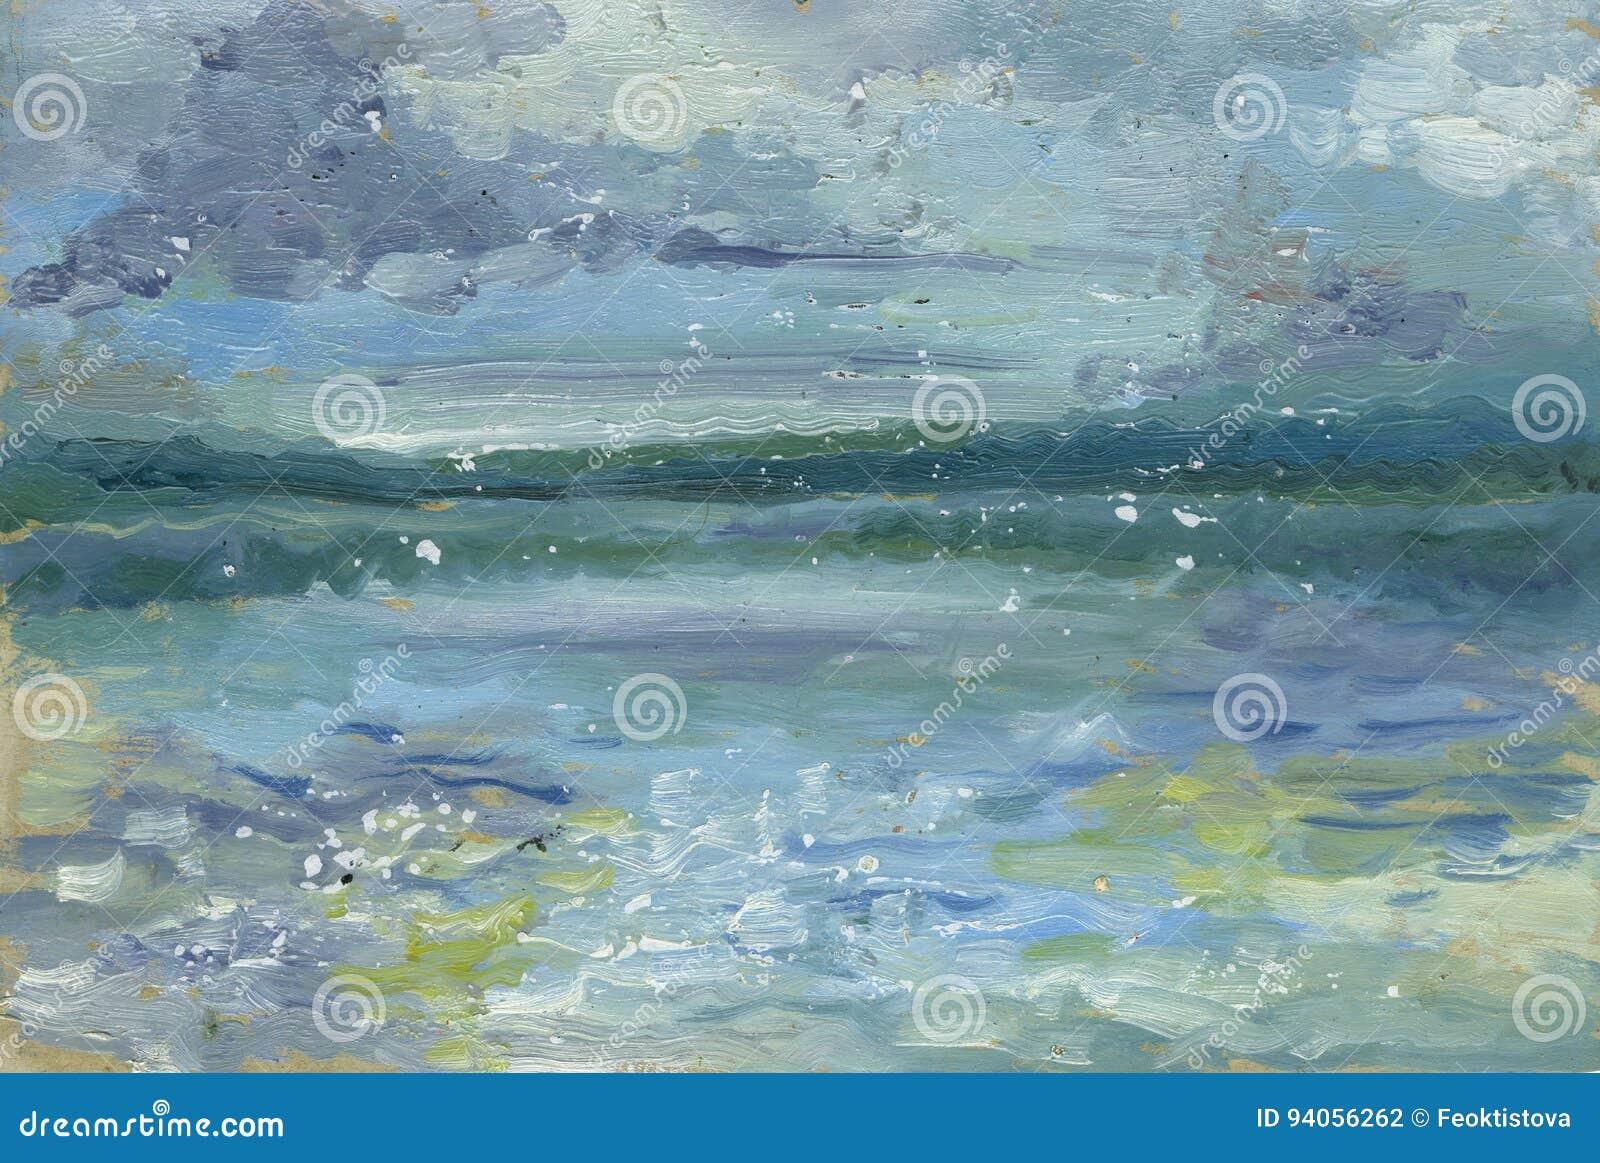 Χρωματισμένη χέρι σκιαγραφία του φάρου στο ηλιοβασίλεμα δασικός ποταμός ελαιογραφίας τοπίων